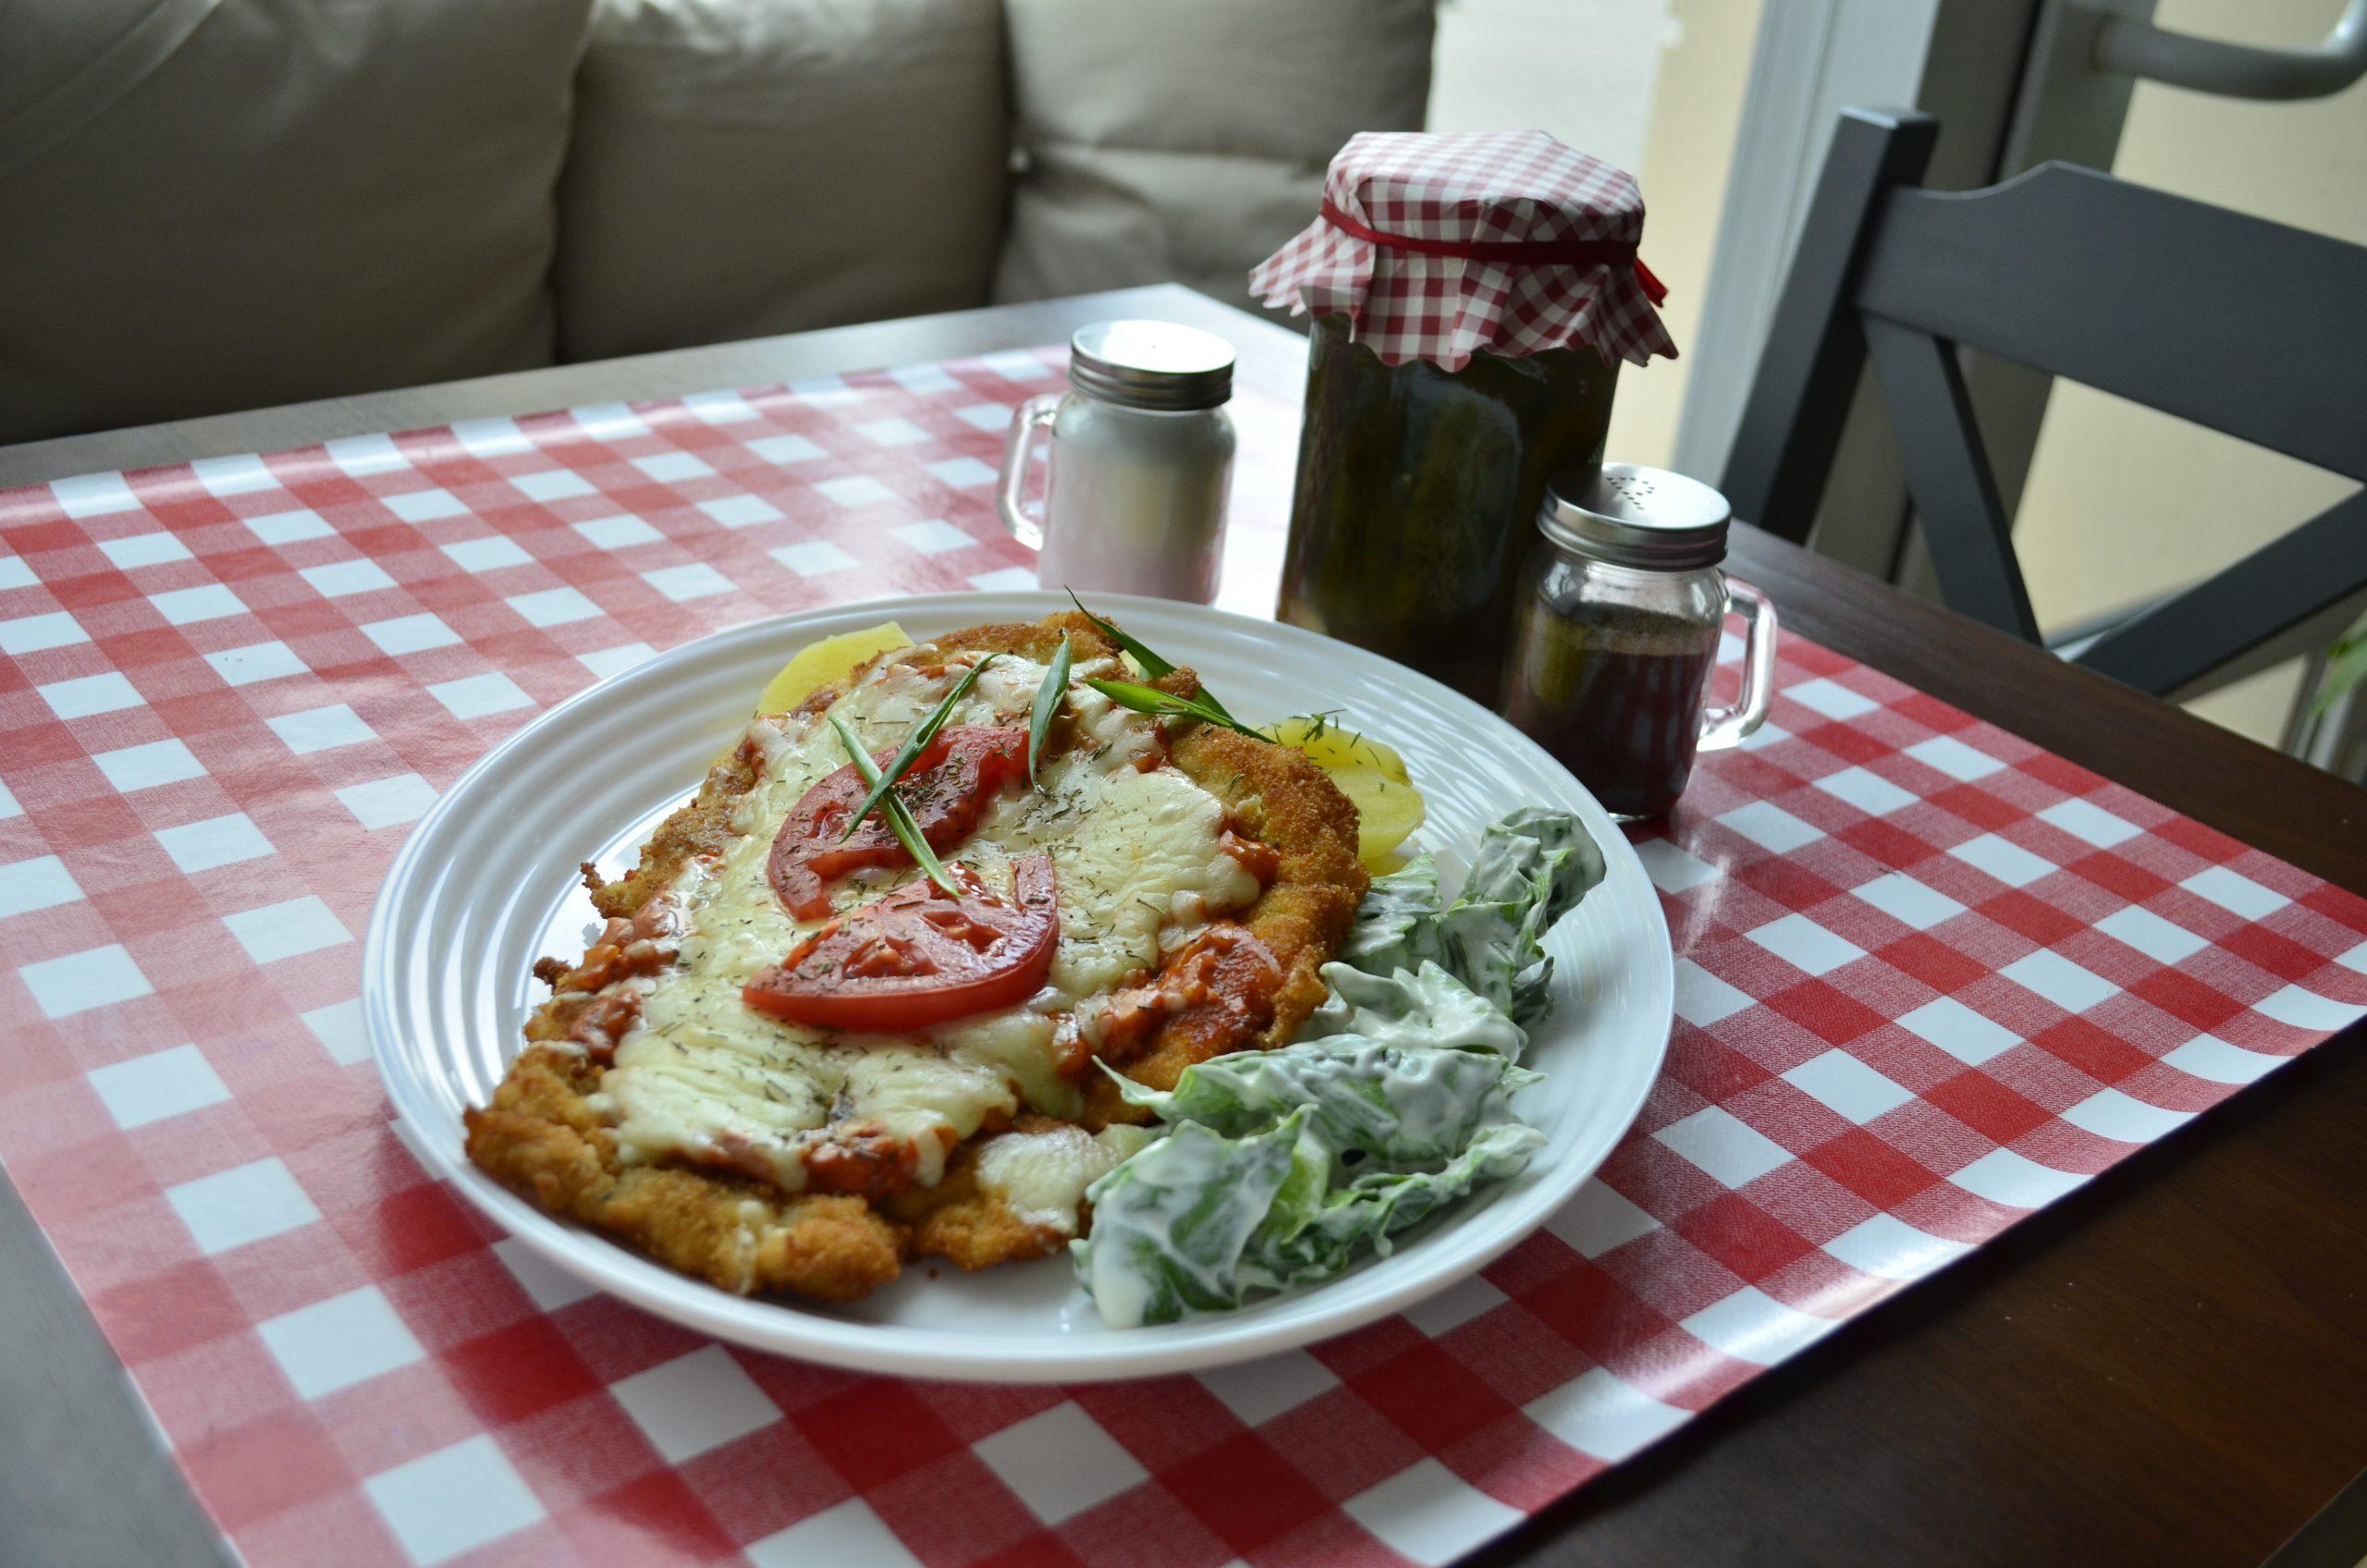 Kurczak kowala w panierce z żółtym serem, ziemniakami i mizerią - tanie i domowe obiady w Rzeszowie